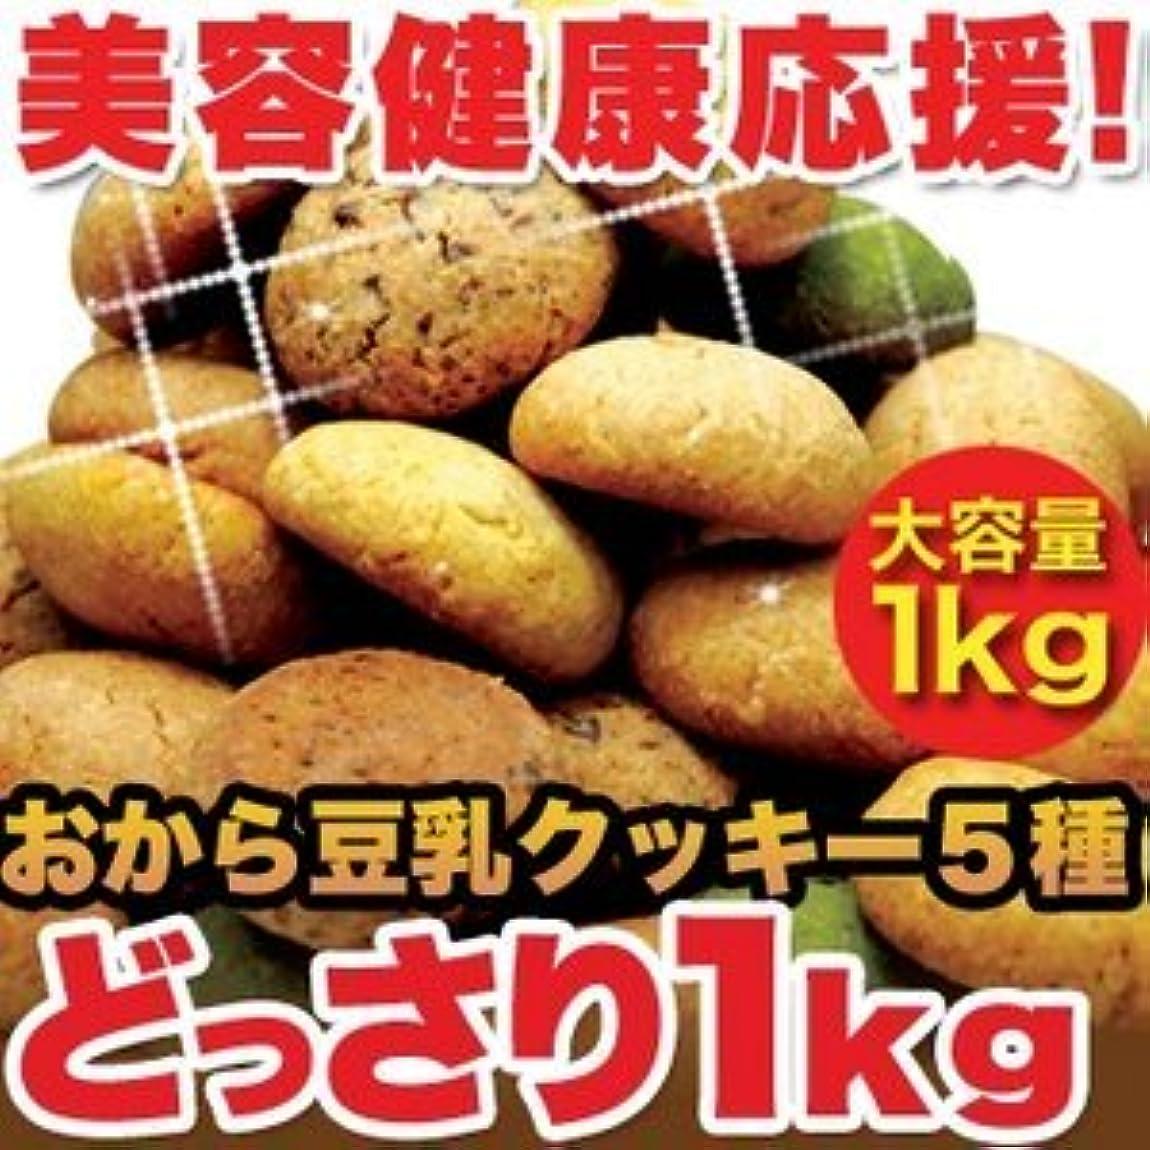 偽物エレガントクローンほろっと柔らか☆ヘルシー&DIET応援☆新感覚満腹おから豆乳ソフトクッキー1kg